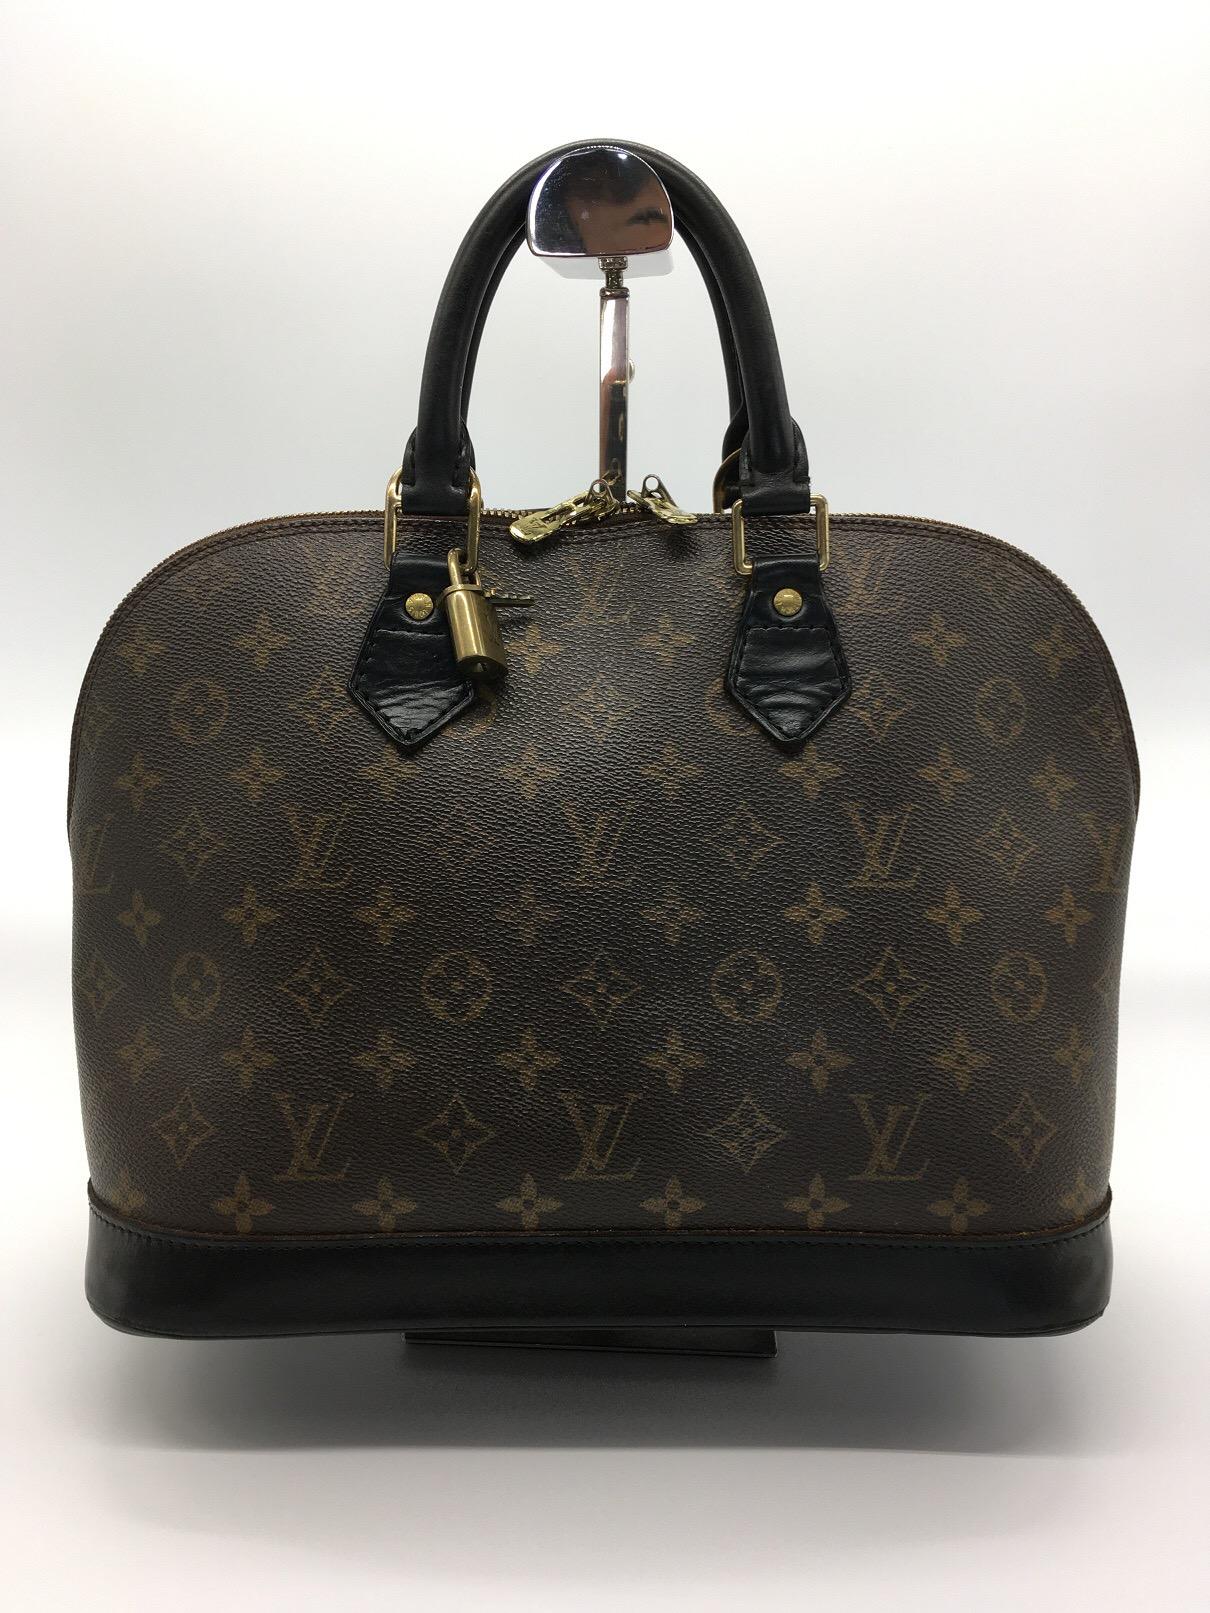 ブランドリペア転売 ヴィトンのバッグを販売 1品で利益15000円越え!